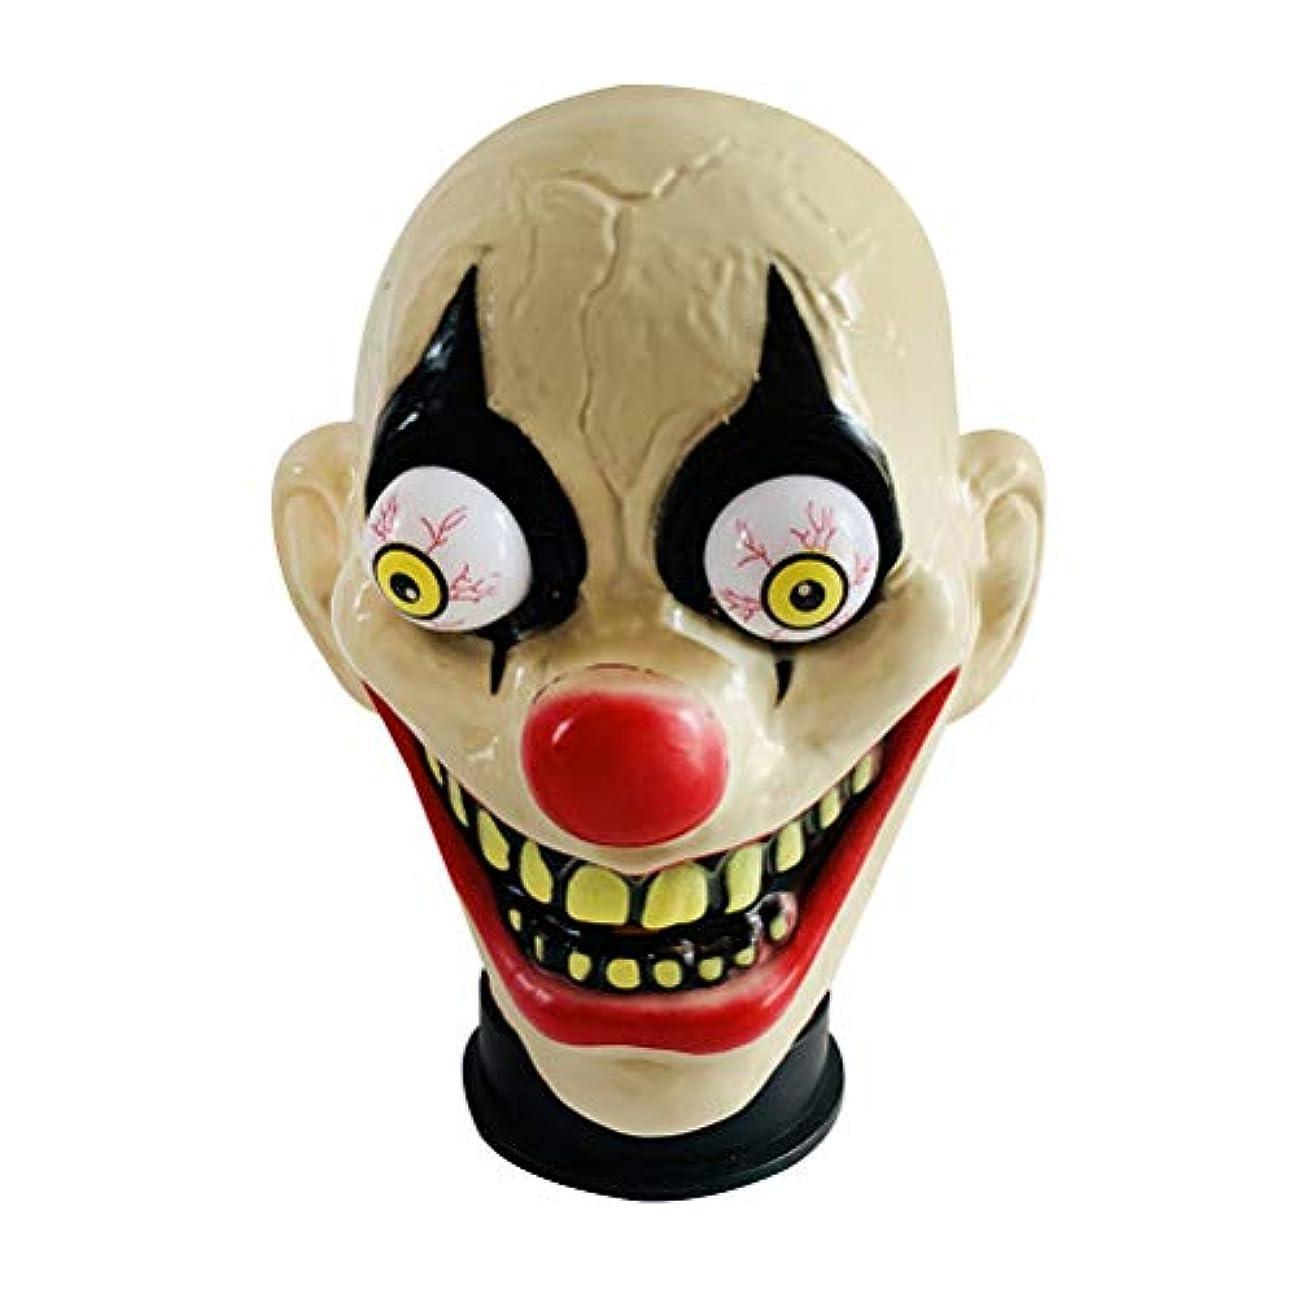 追放する予測革命BESTOYARD ハロウィーン怖いピエロマスクテロホラーピエロヘッドカバーハロウィンコスプレパーティー用男性用マスク(ピエロタイプ)